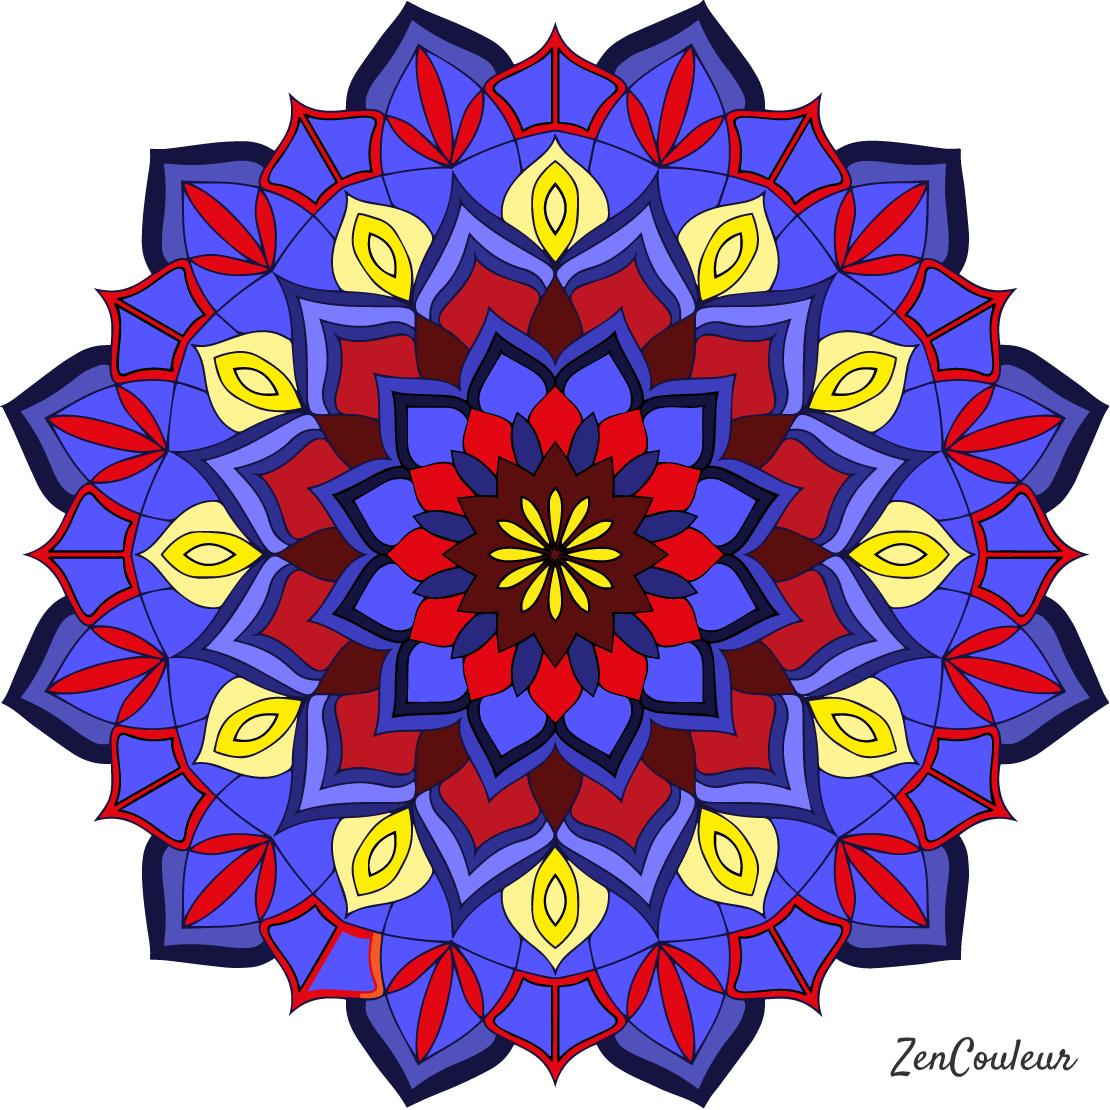 Coloriage Mandala Couleur.Comment Bien Choisir Les Couleurs Pour Son Coloriage Pour Adultes